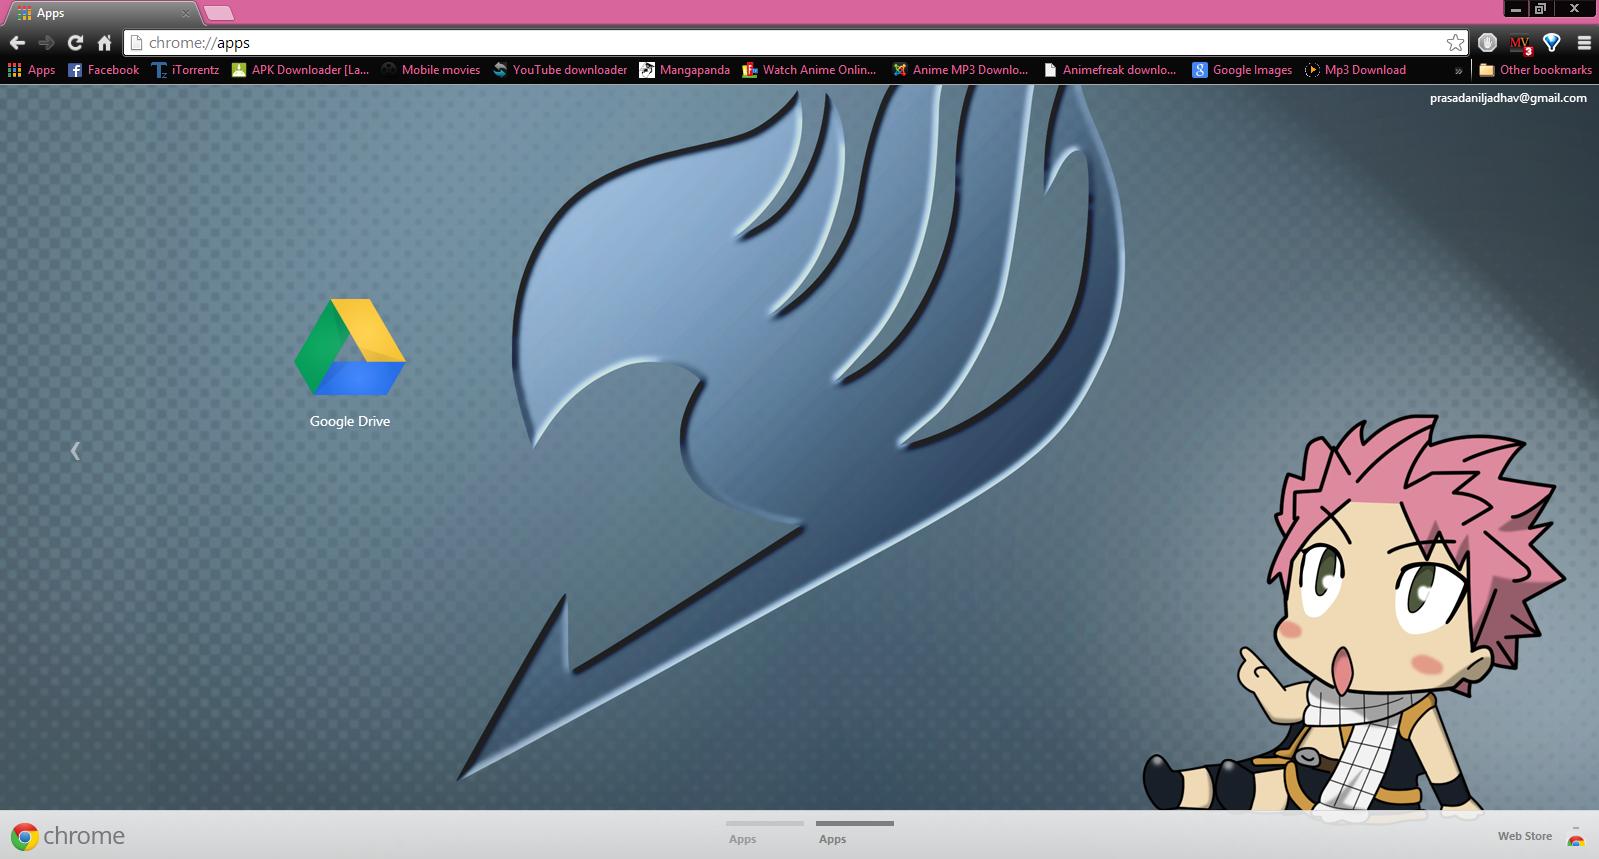 Google themes fairy tail -  Cute Fairy Tail Natsu Chrome Theme By Prasad9323 By Prasad9323